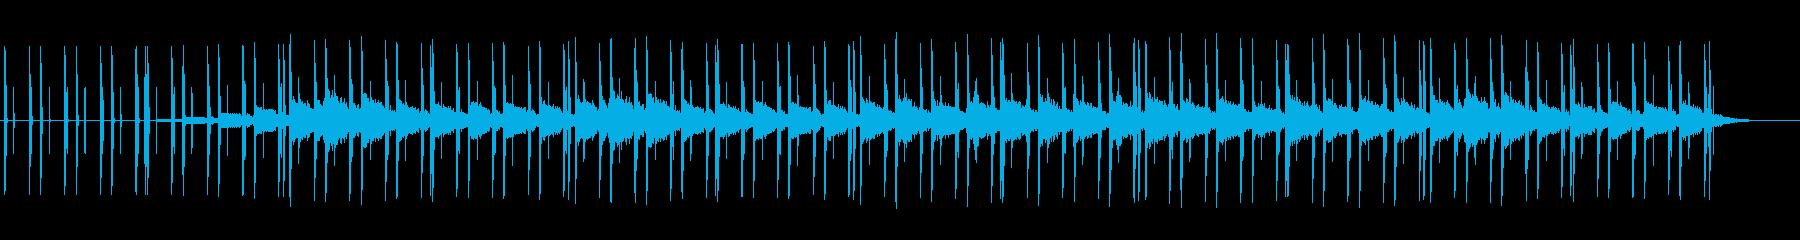 超シンプル!Lo-Fi風BGMの再生済みの波形